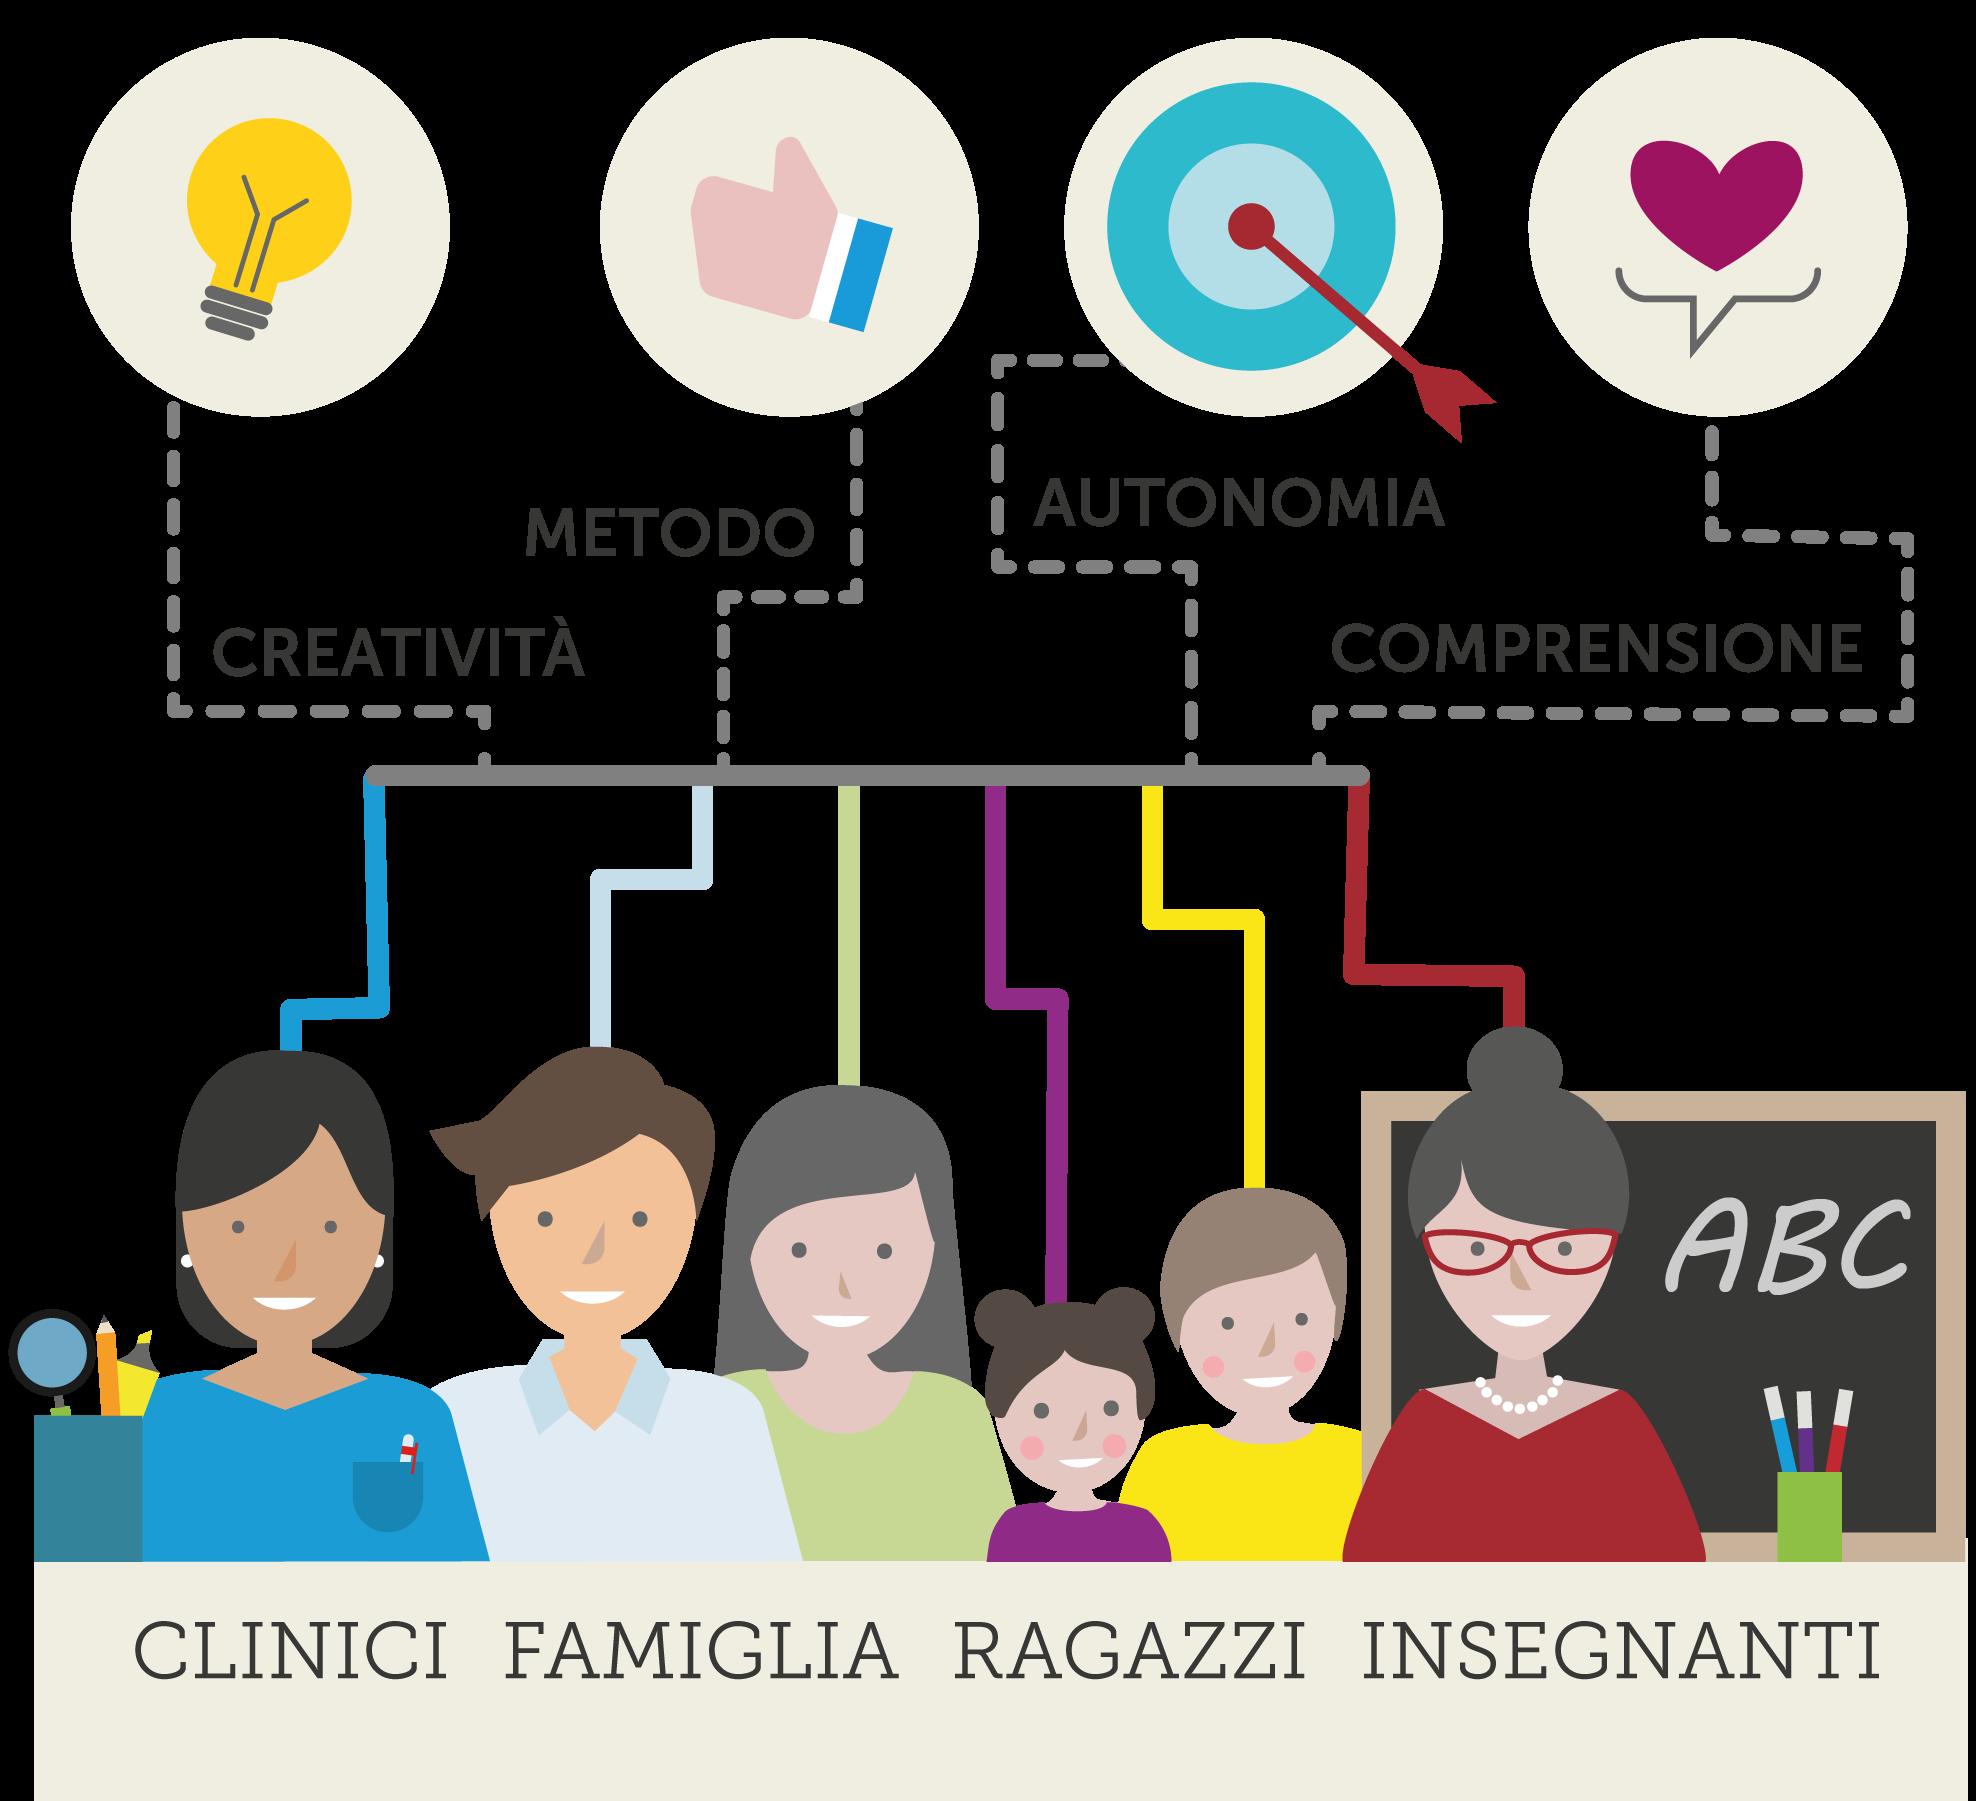 Clinici, Famiglia, Ragazzi, Insegnanti